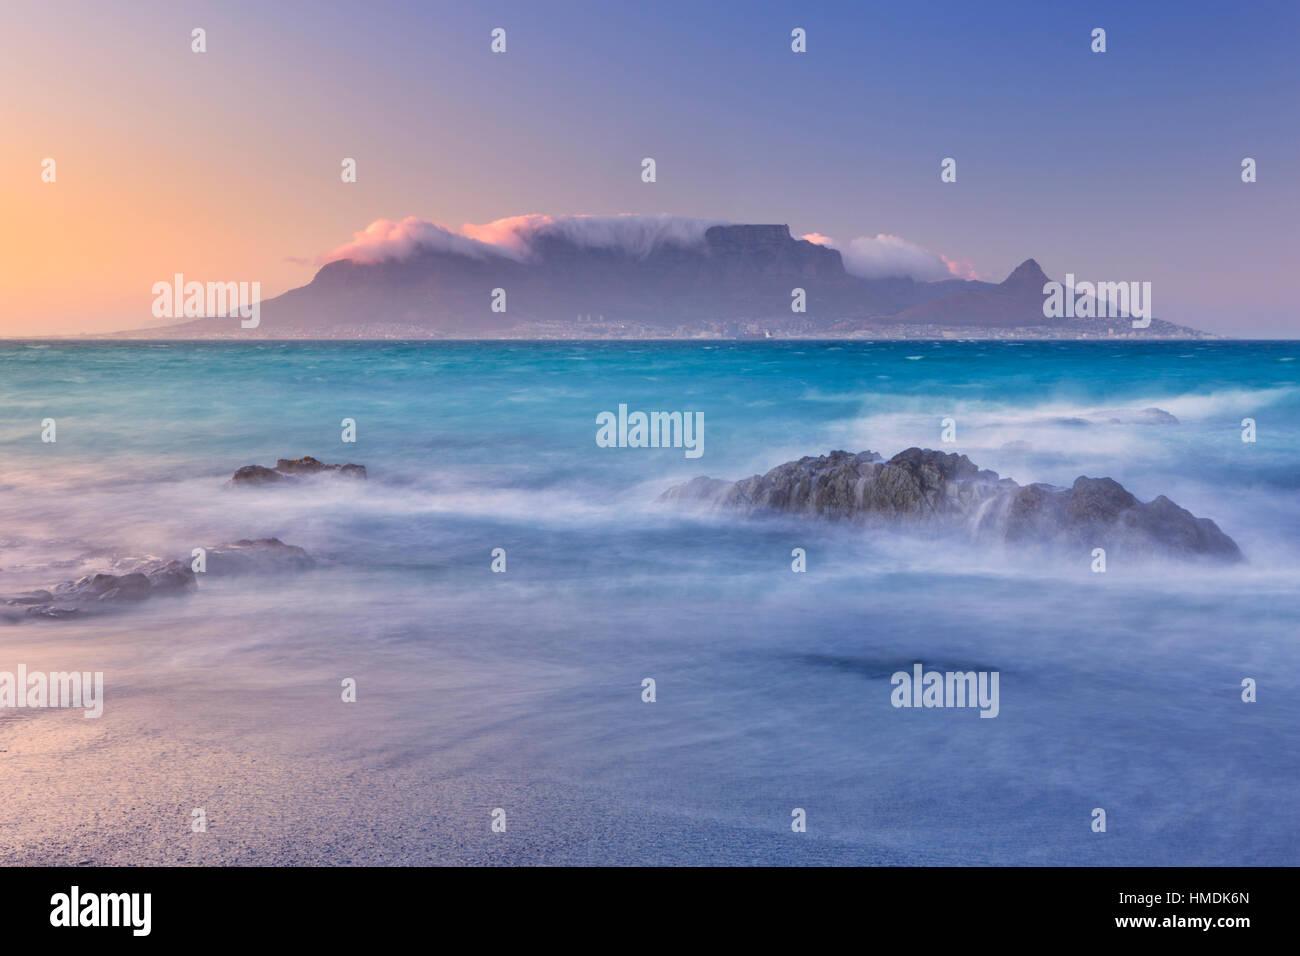 Amanecer sobre la montaña Table y Ciudad del Cabo, desde la playa de Bloubergstrand. Imagen De Stock